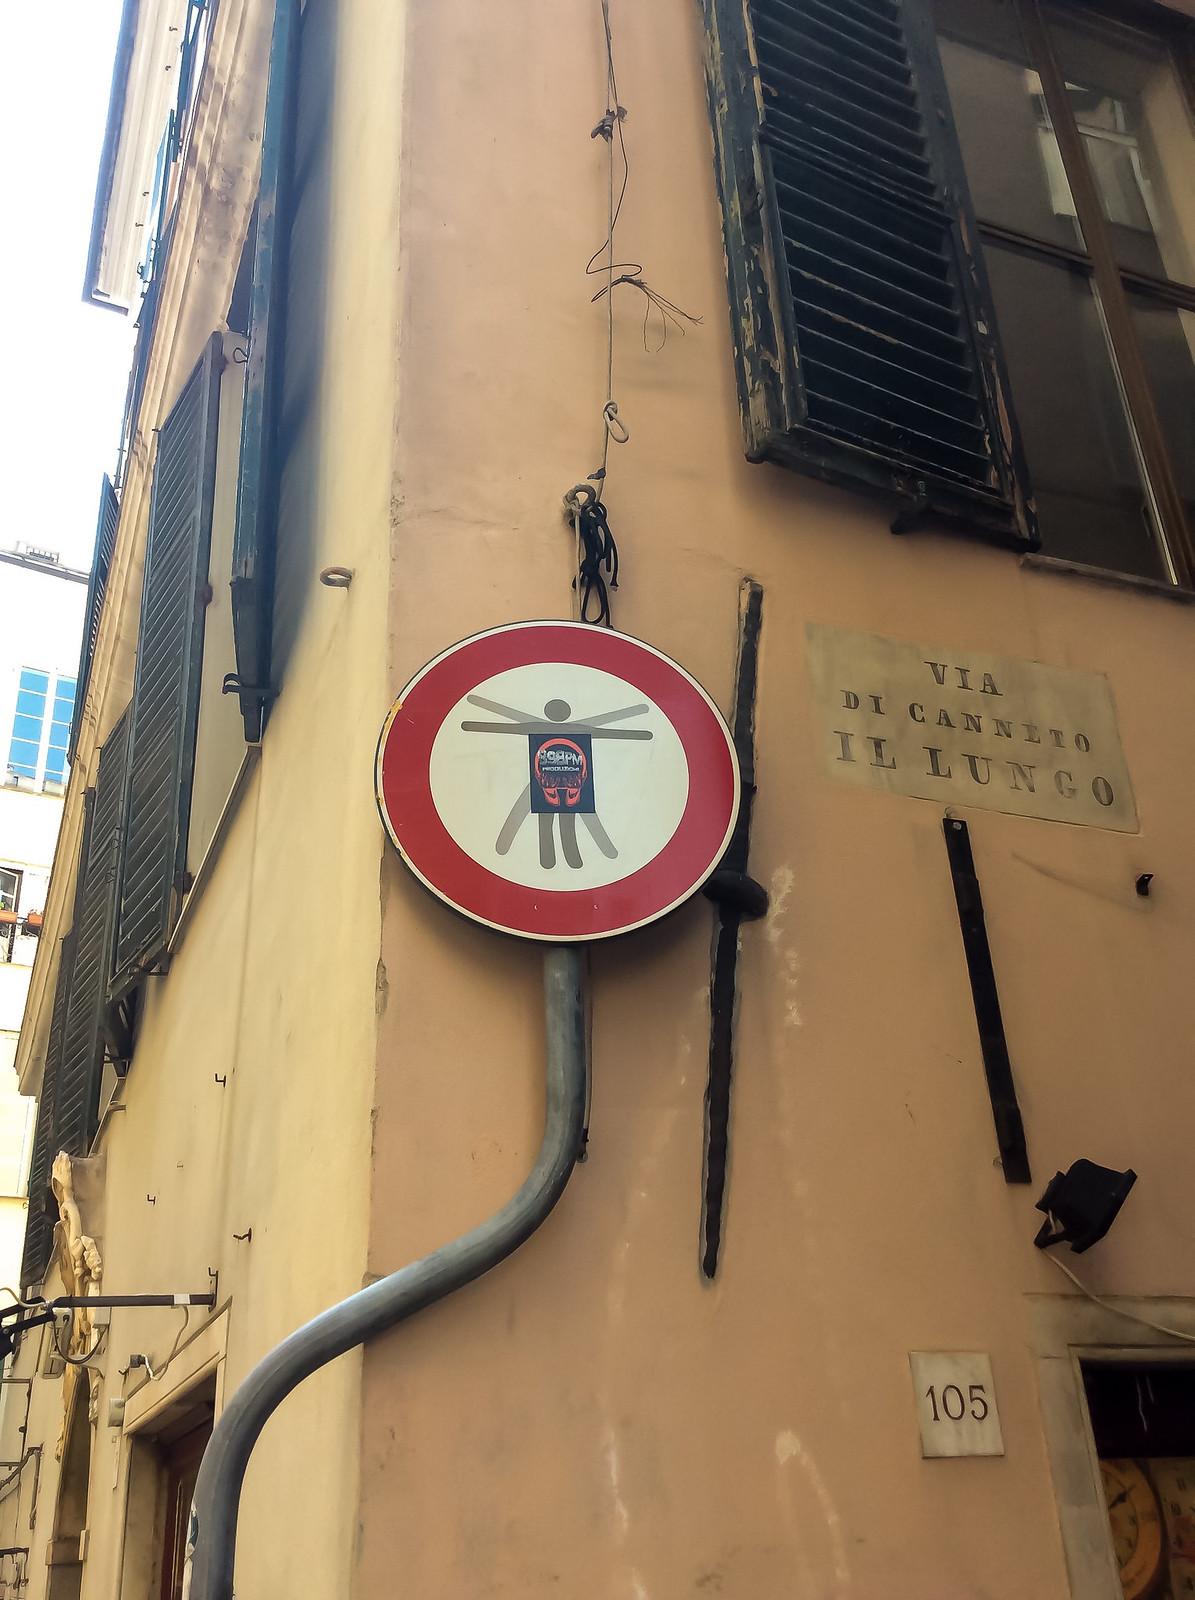 Генуя - И снова странные разрисованные знаки. Видел такие же во Флоренции.